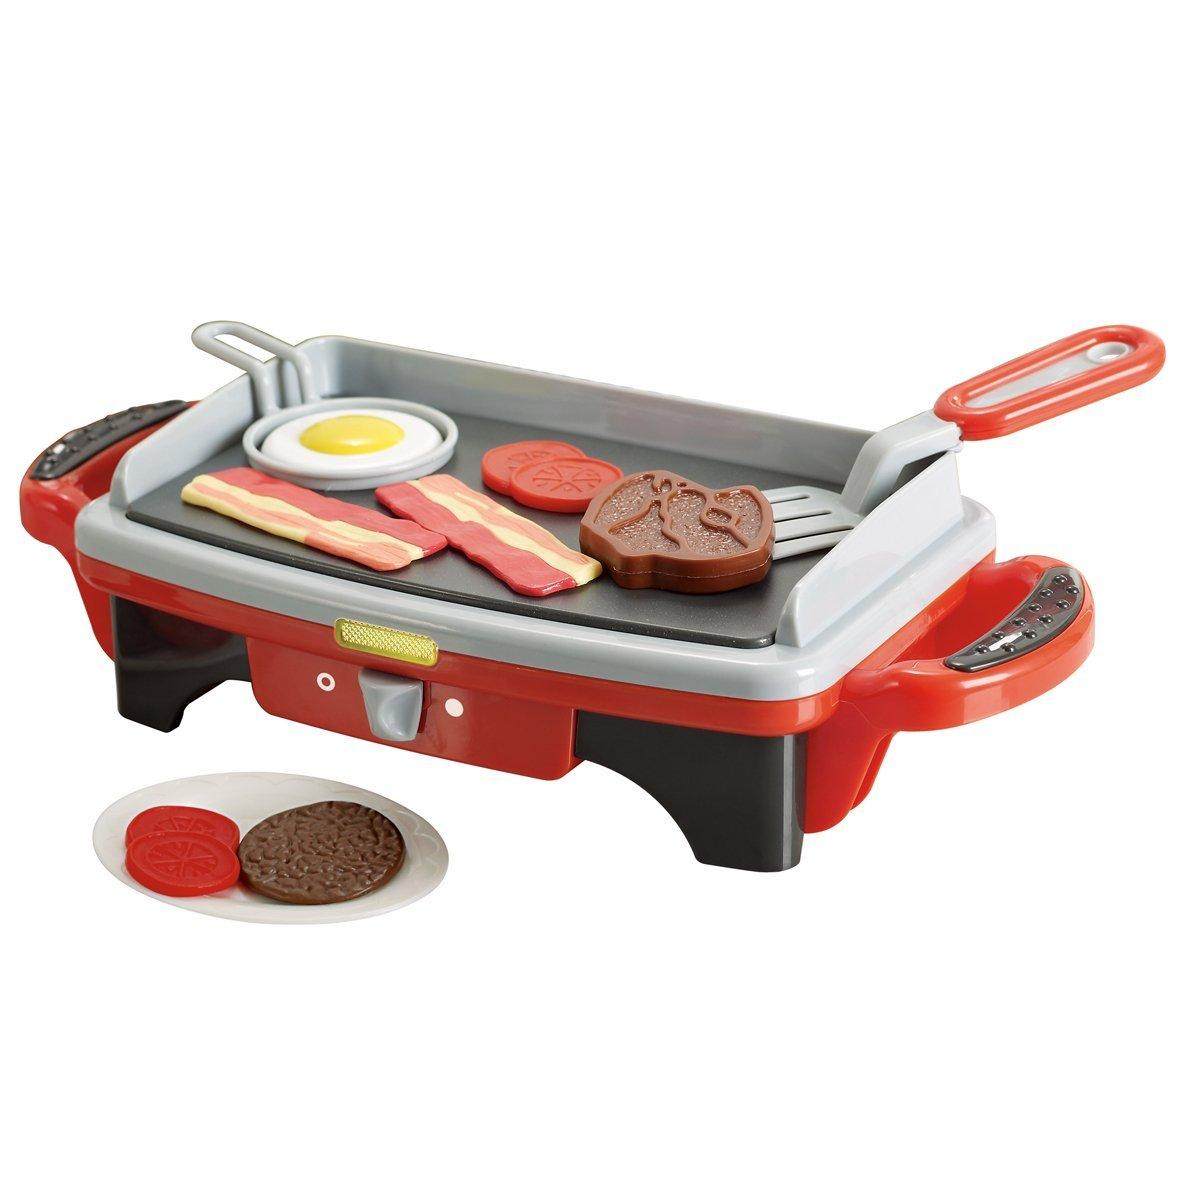 Кухонная игровая плита с аксессуарами, серия ДелюксАксессуары и техника для детской кухни<br>Кухонная игровая плита с аксессуарами, серия Делюкс<br>